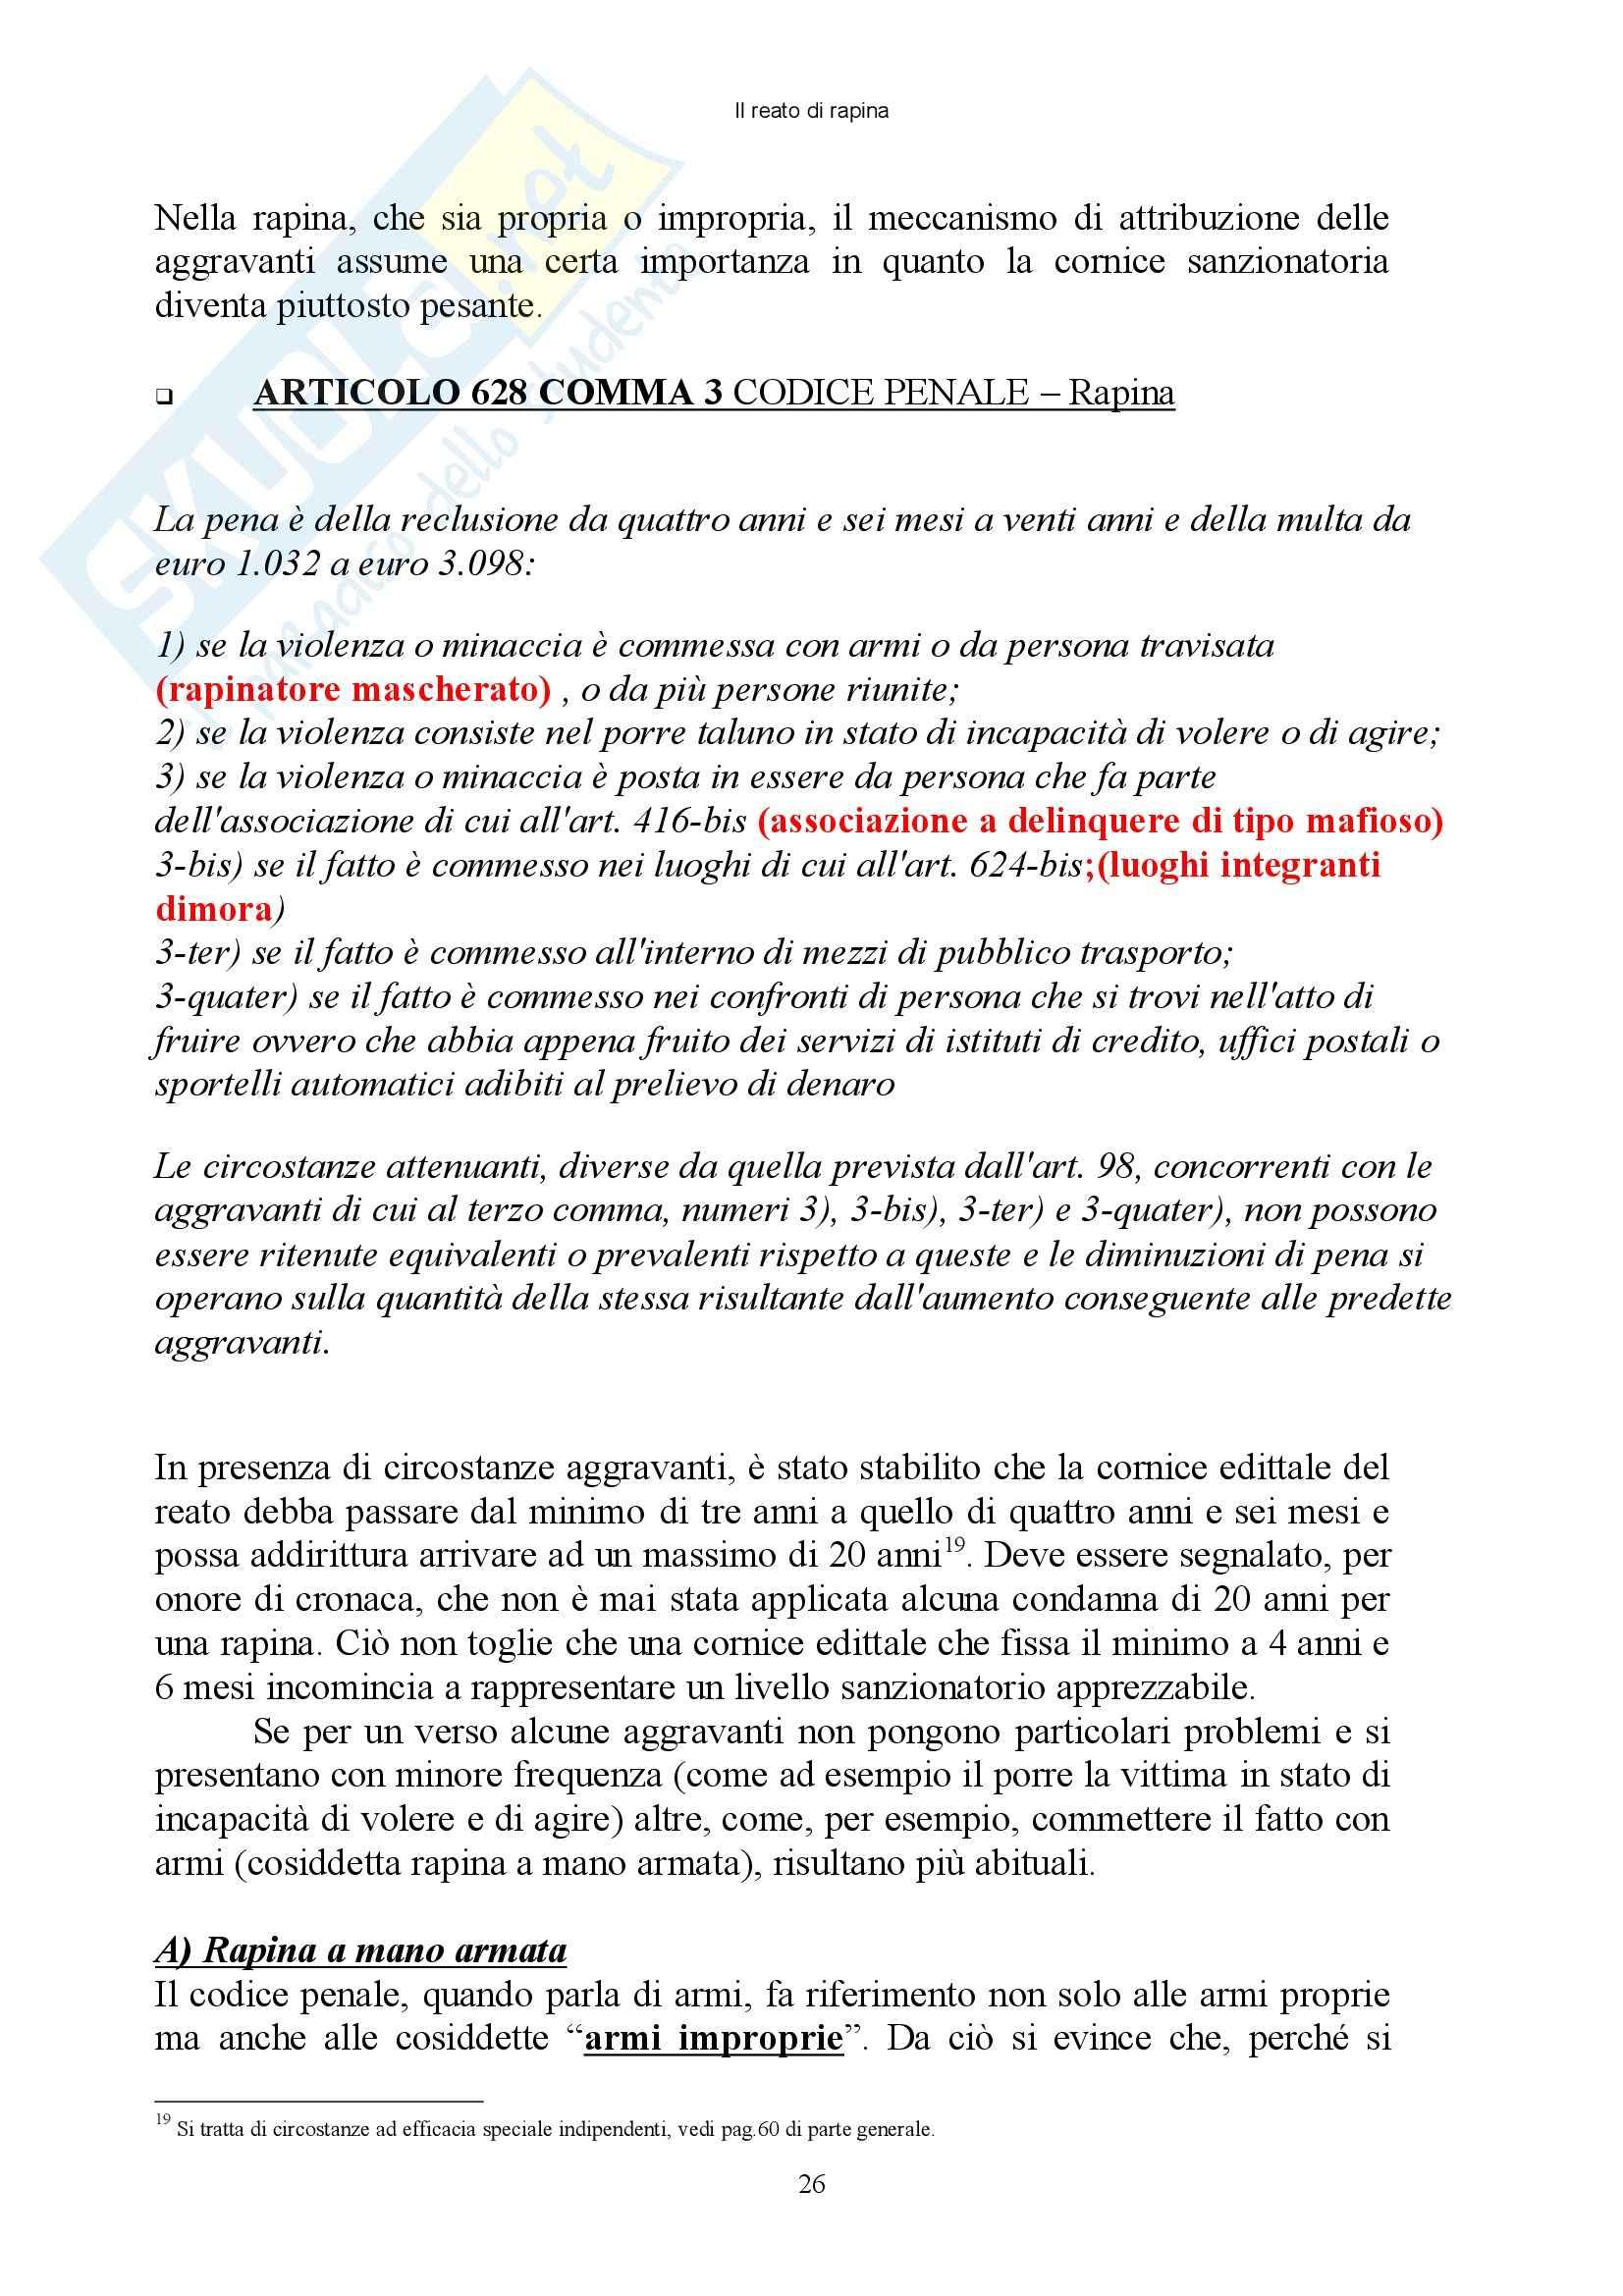 Diritto penale - reati contro il patrimonio - Appunti Pag. 26